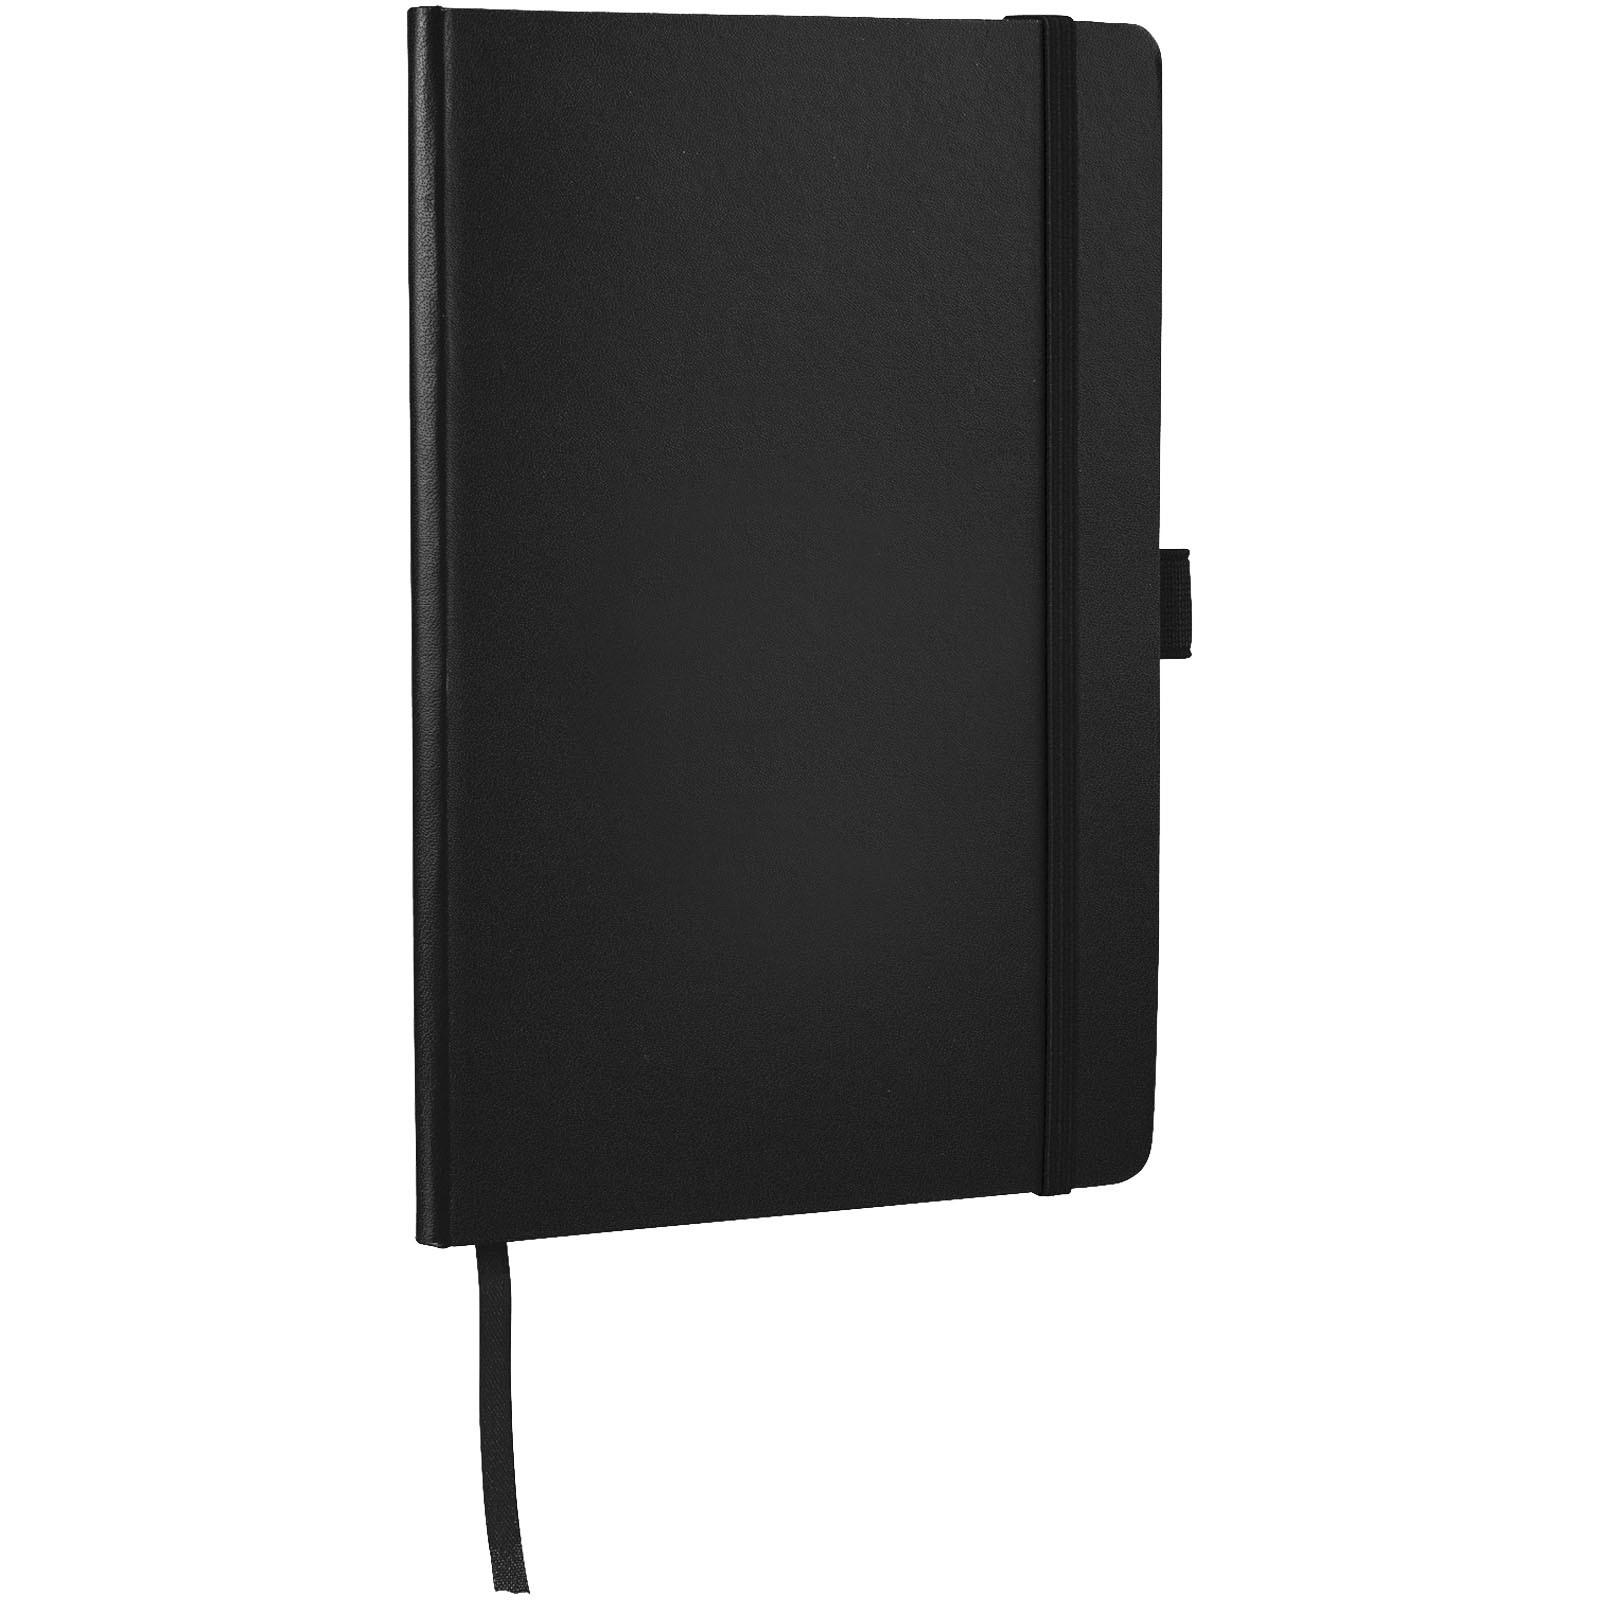 Flex A5 Notizbuch mit flexibler Rückseite - Schwarz